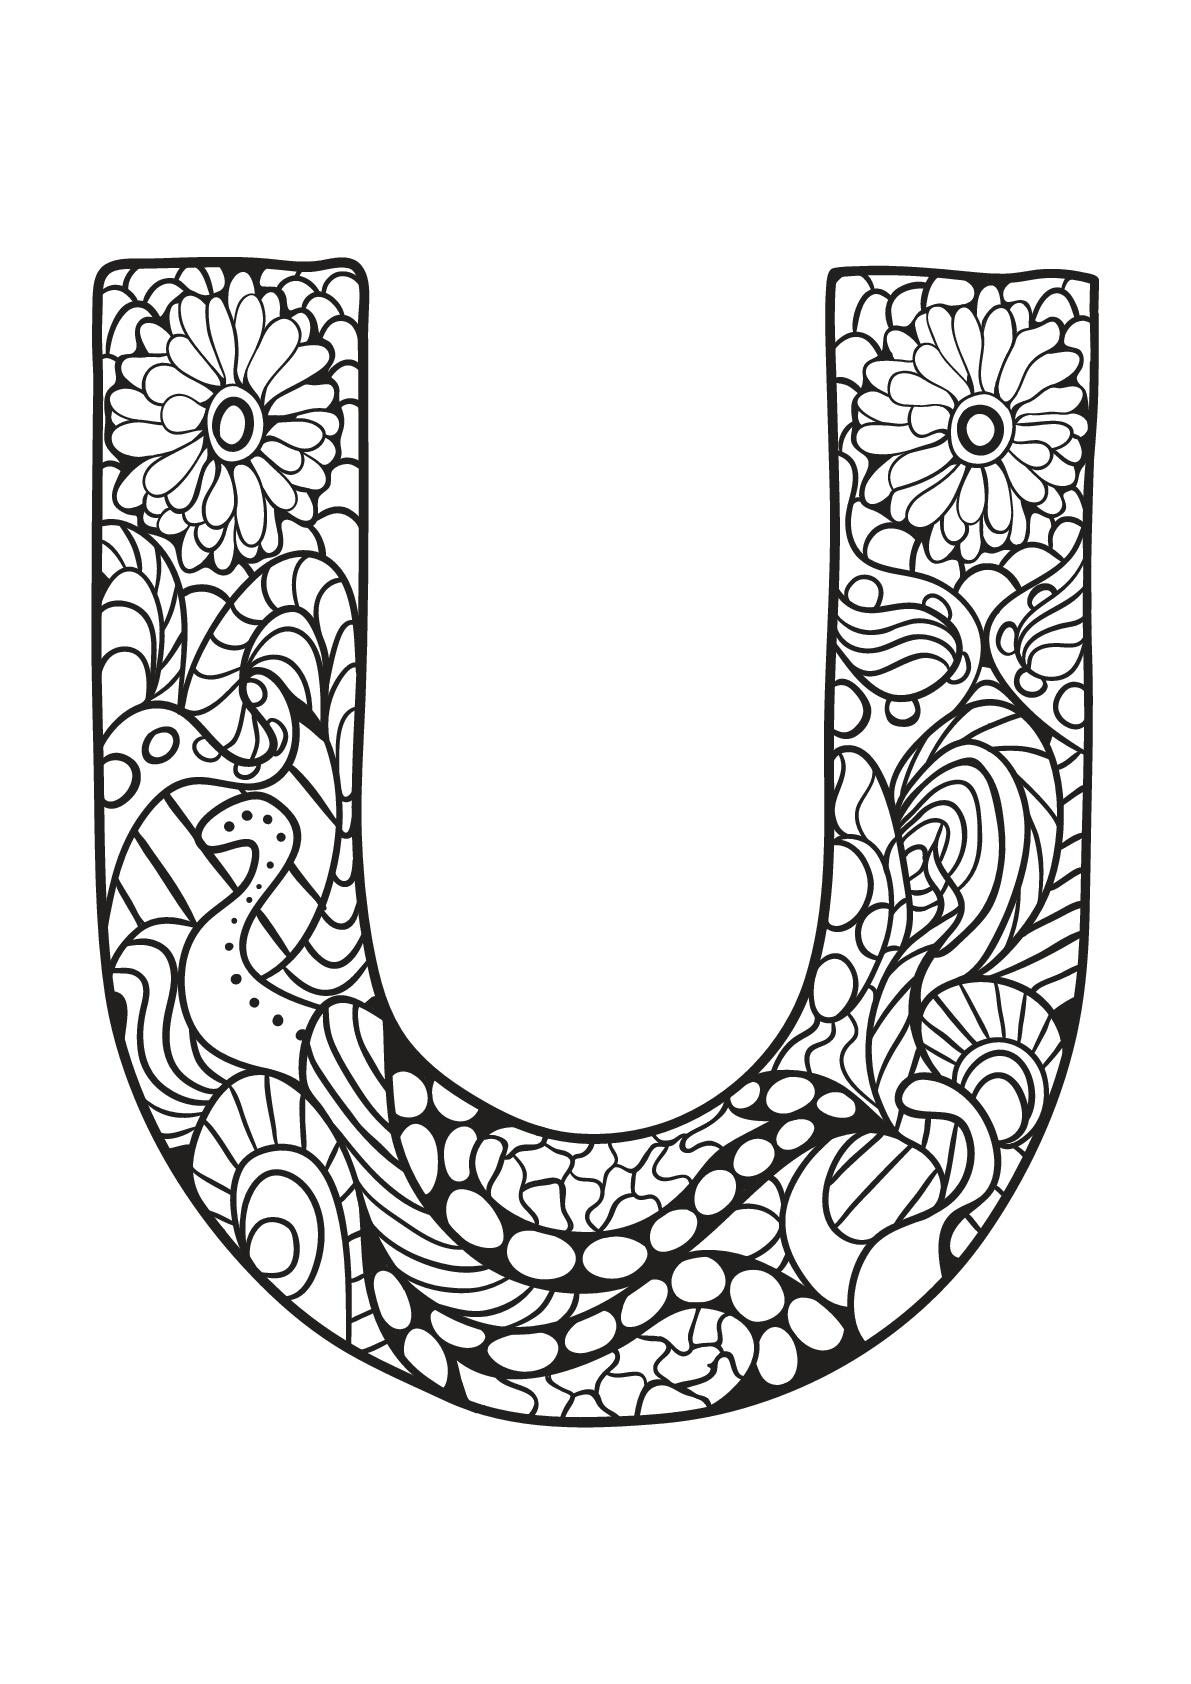 Alphabet To Print For Free U